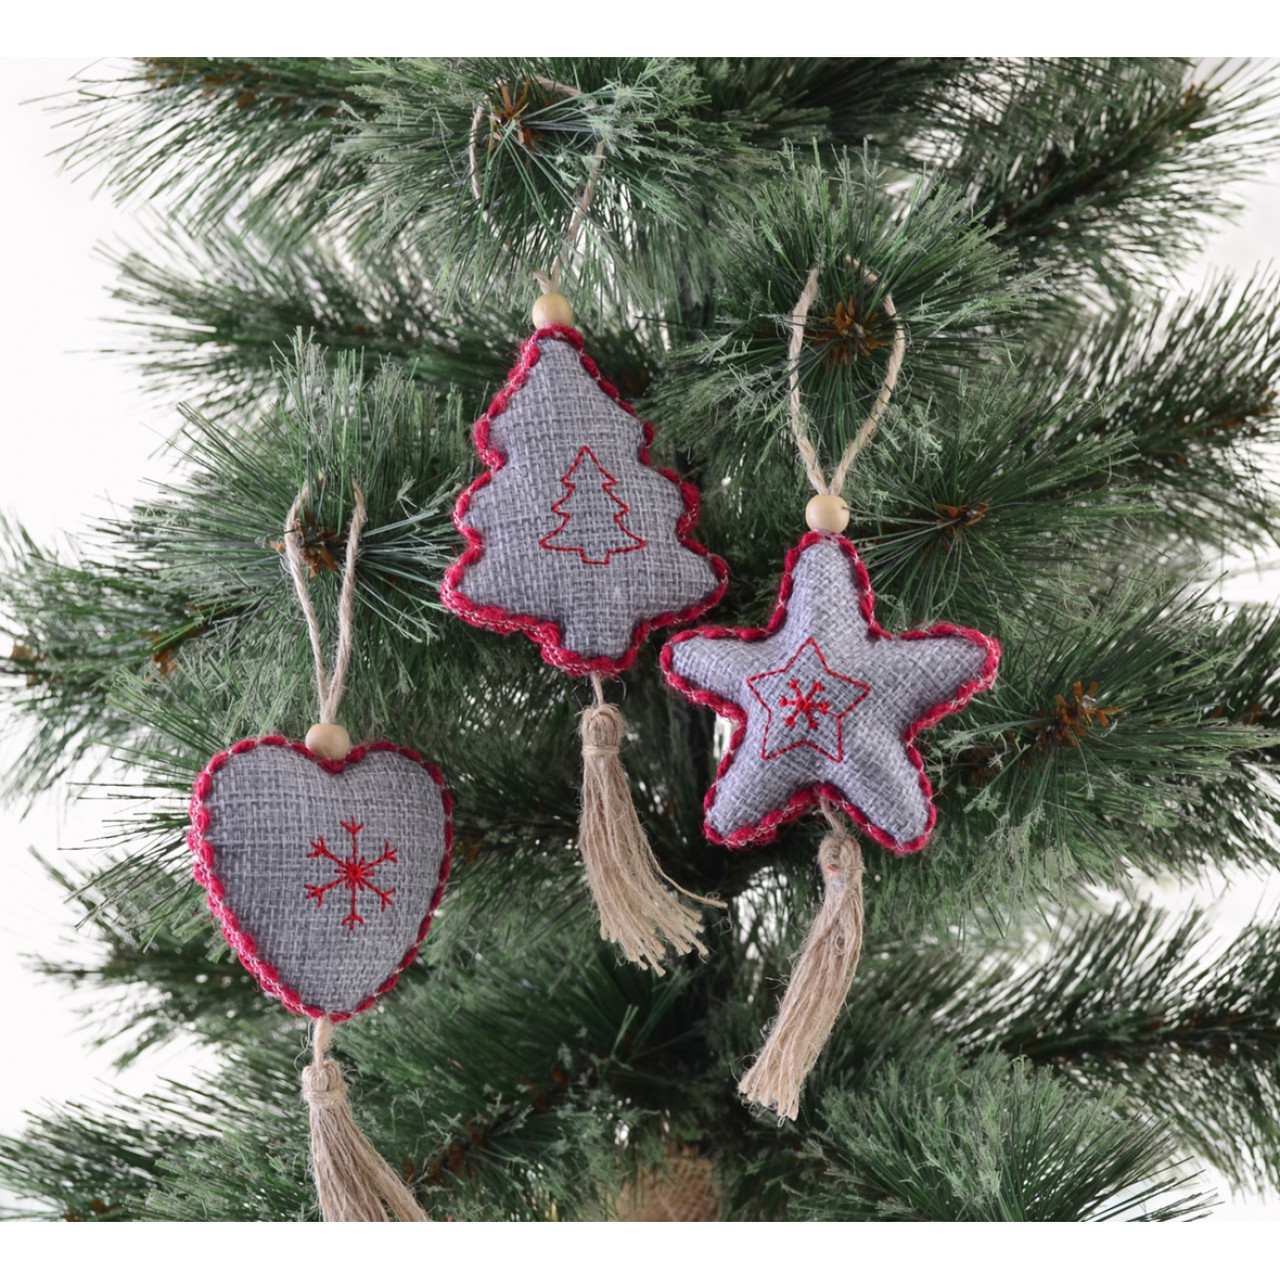 #ЄвропаЦеМи: український новорічний декор завойовує іноземні ринки -  - 3470332C 5154 4B58 9ACC 9DEEFB537742